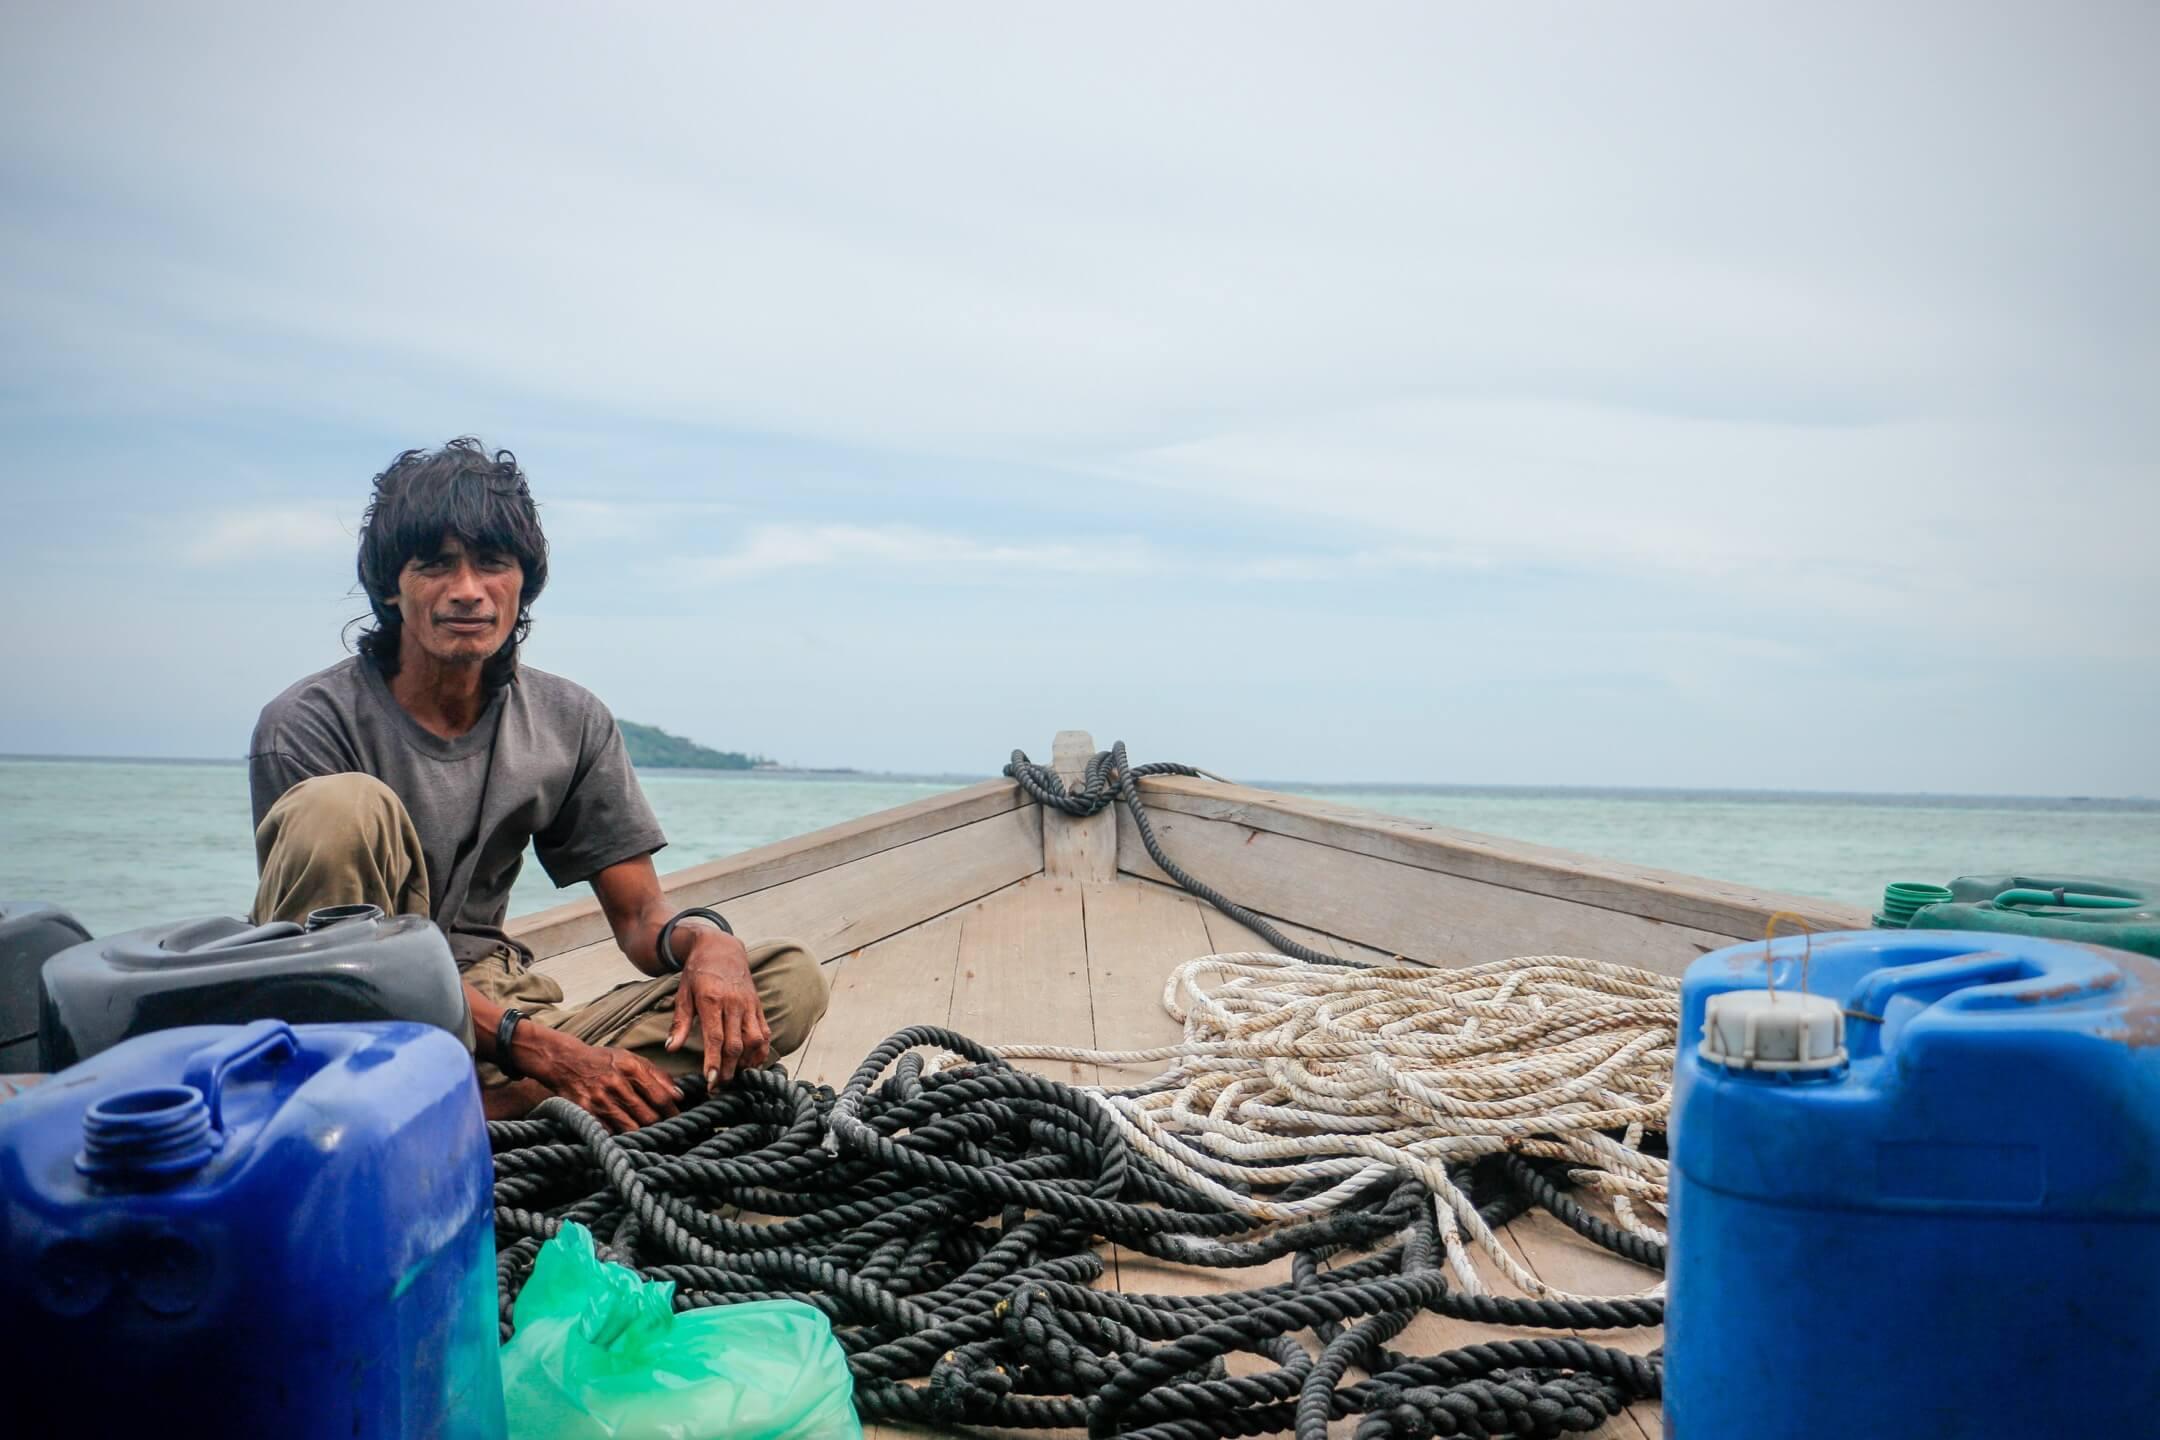 2018年9月一個悶熱卻有少許涼風的午後,長髮及肩的翁古坐在仙本那東北海岸邊一艘船屋的甲板上,已經不記得自己在此生活了多少年。 攝影:周慧儀